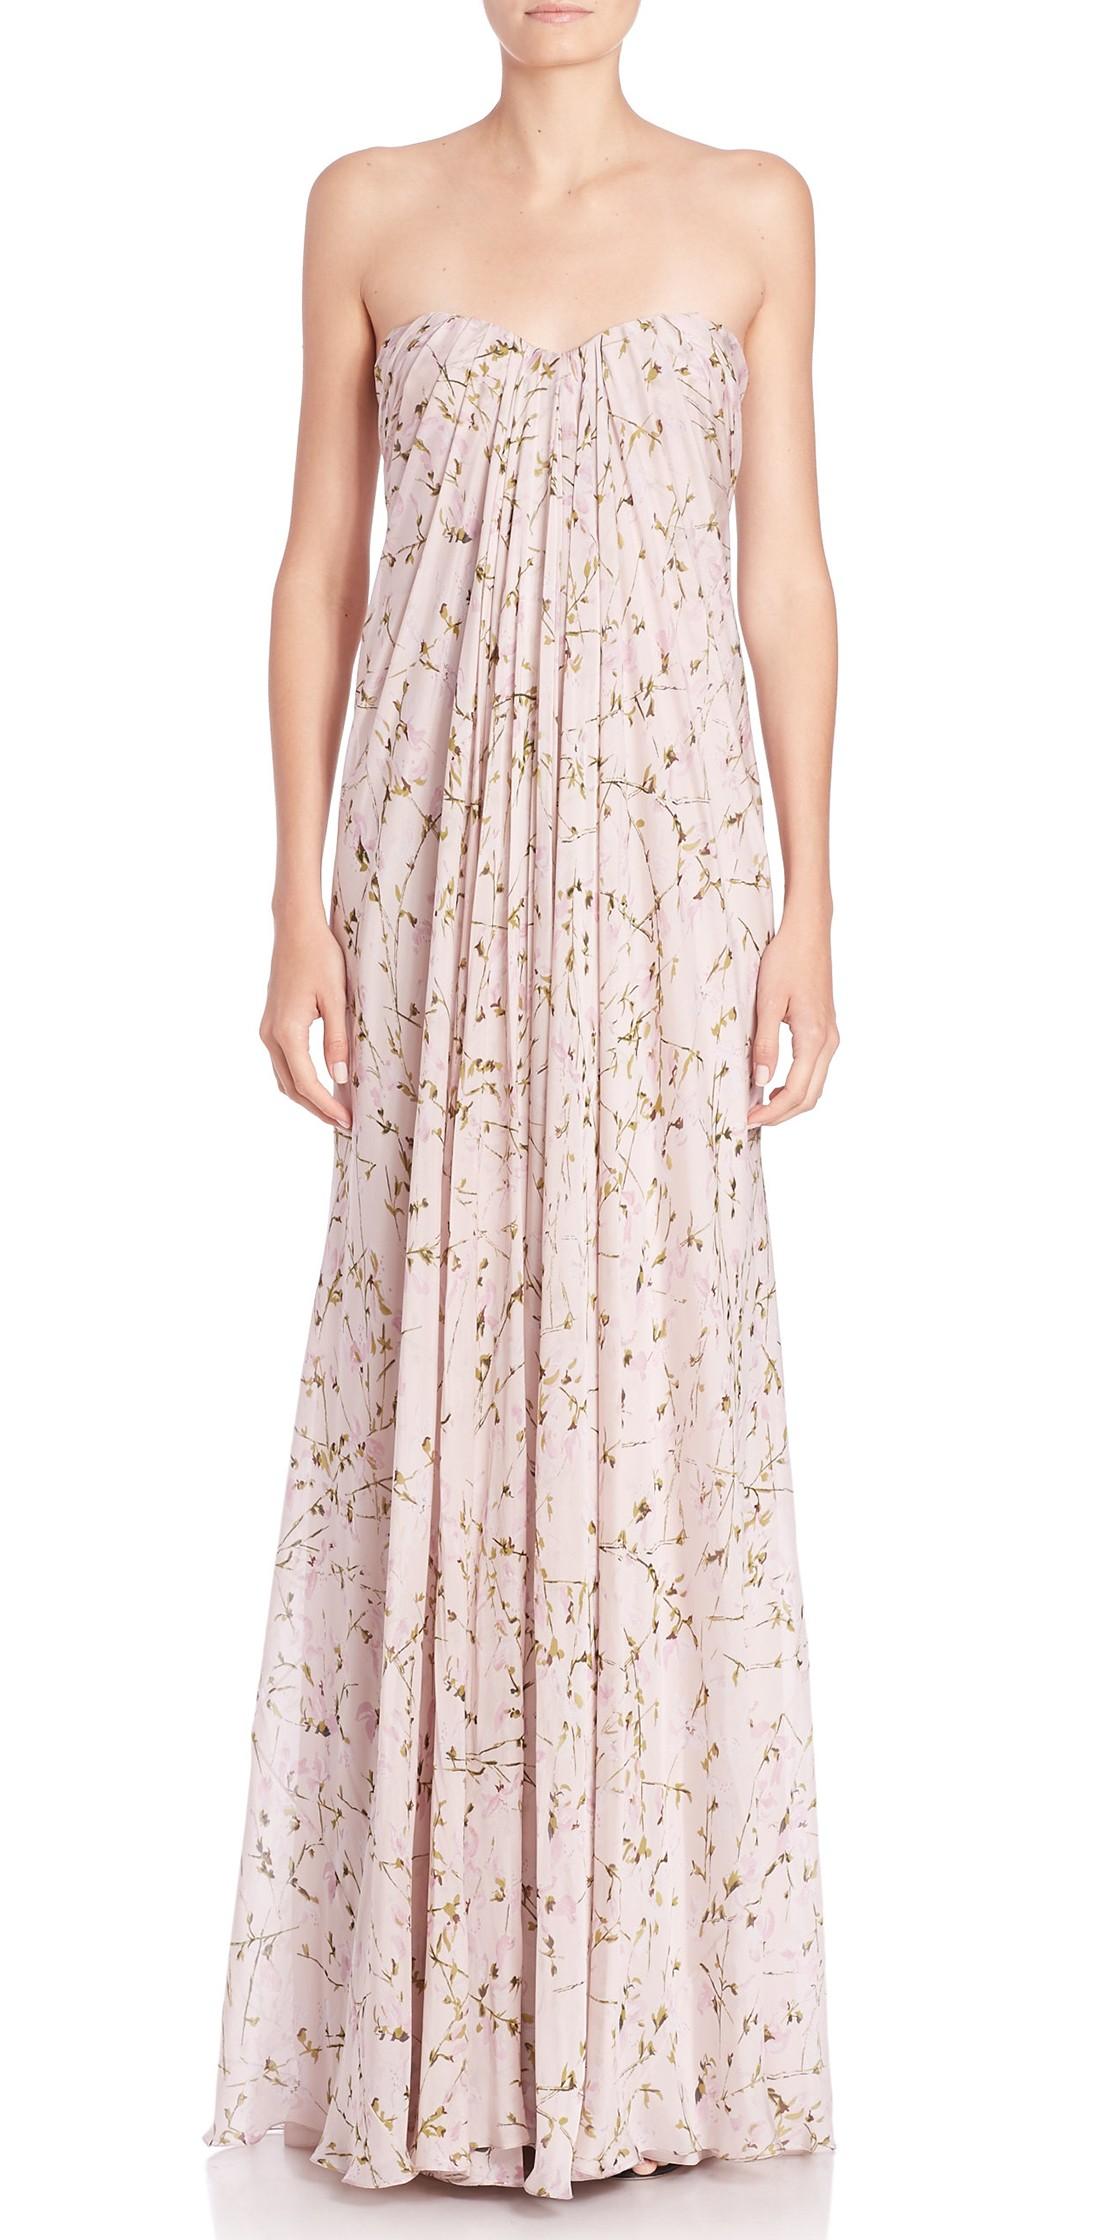 alexander mcqueen strapless silk chiffon gown formal wedding